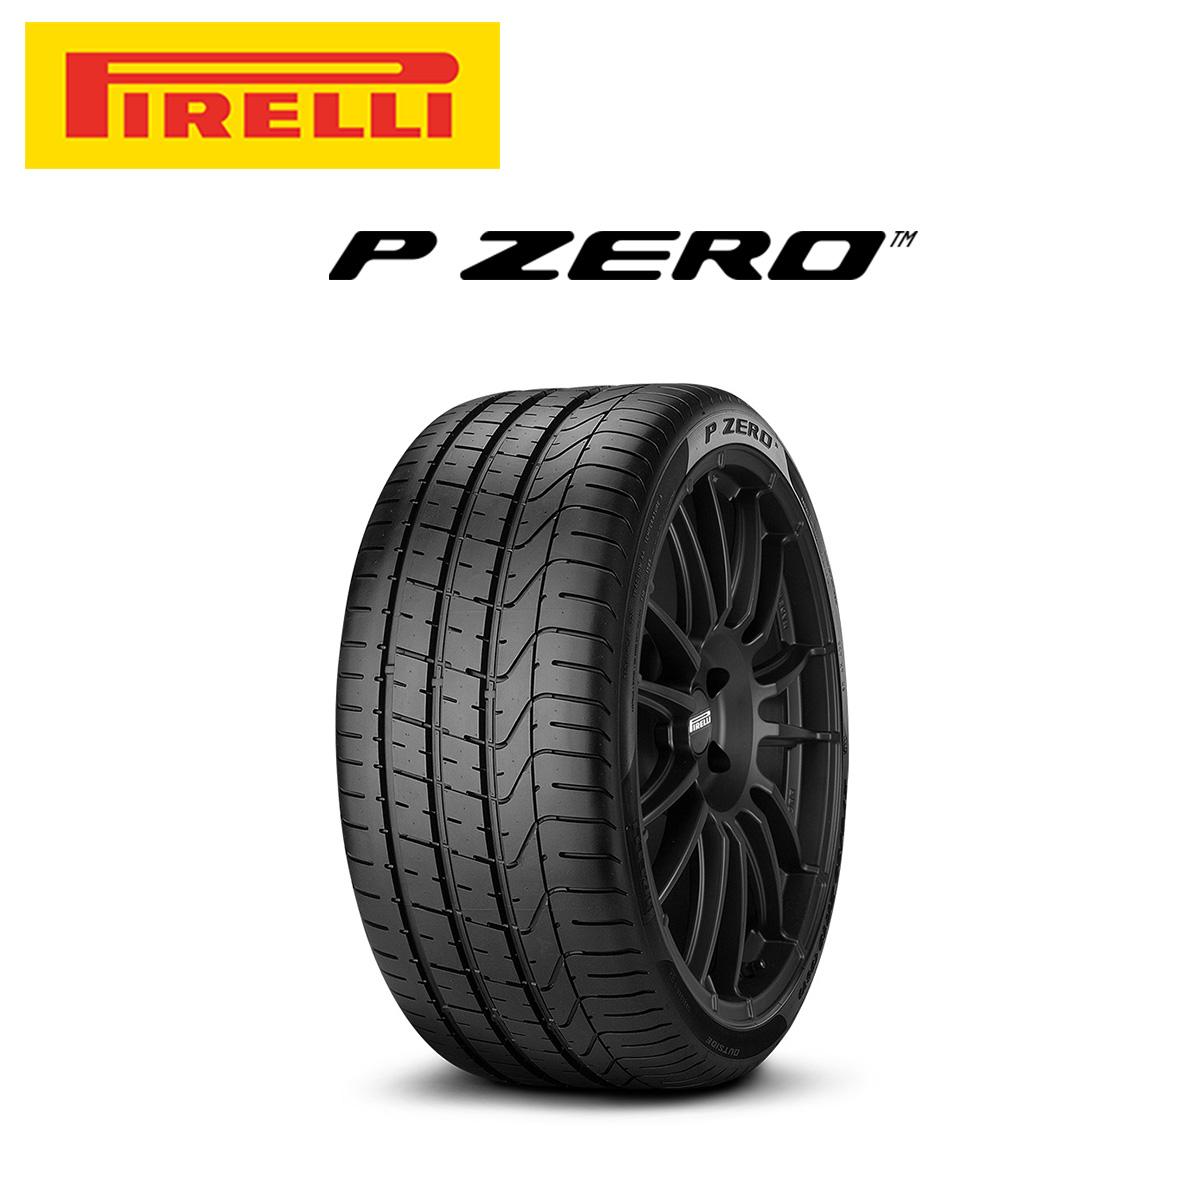 ピレリ PIRELLI P ZERO ピーゼロ 20インチ サマー タイヤ 4本 セット 275/35ZR20 102Y XL B1:ベントレー承認タイヤ 2540000